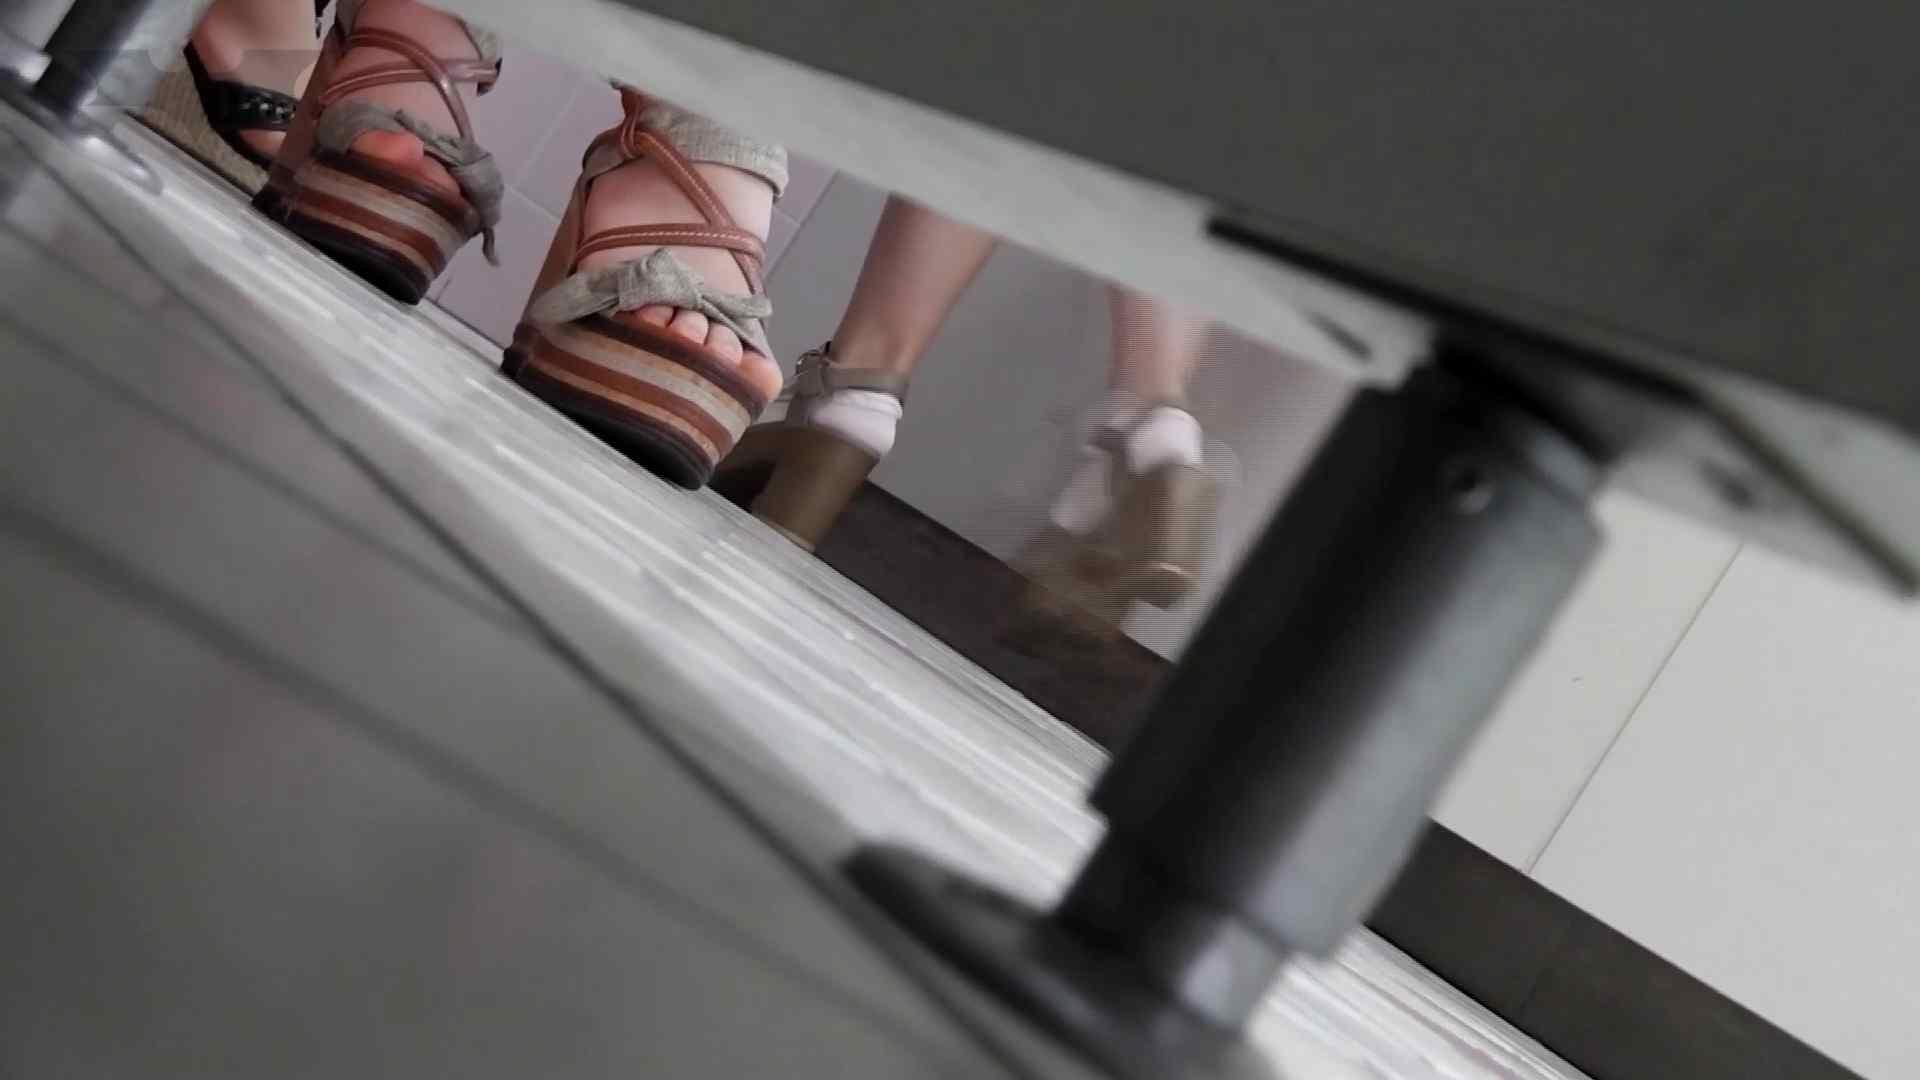 美しい日本の未来 No.36 進歩3連続作戦【2015・28位】 盗撮エロすぎ | おまんこ無修正  28連発 16